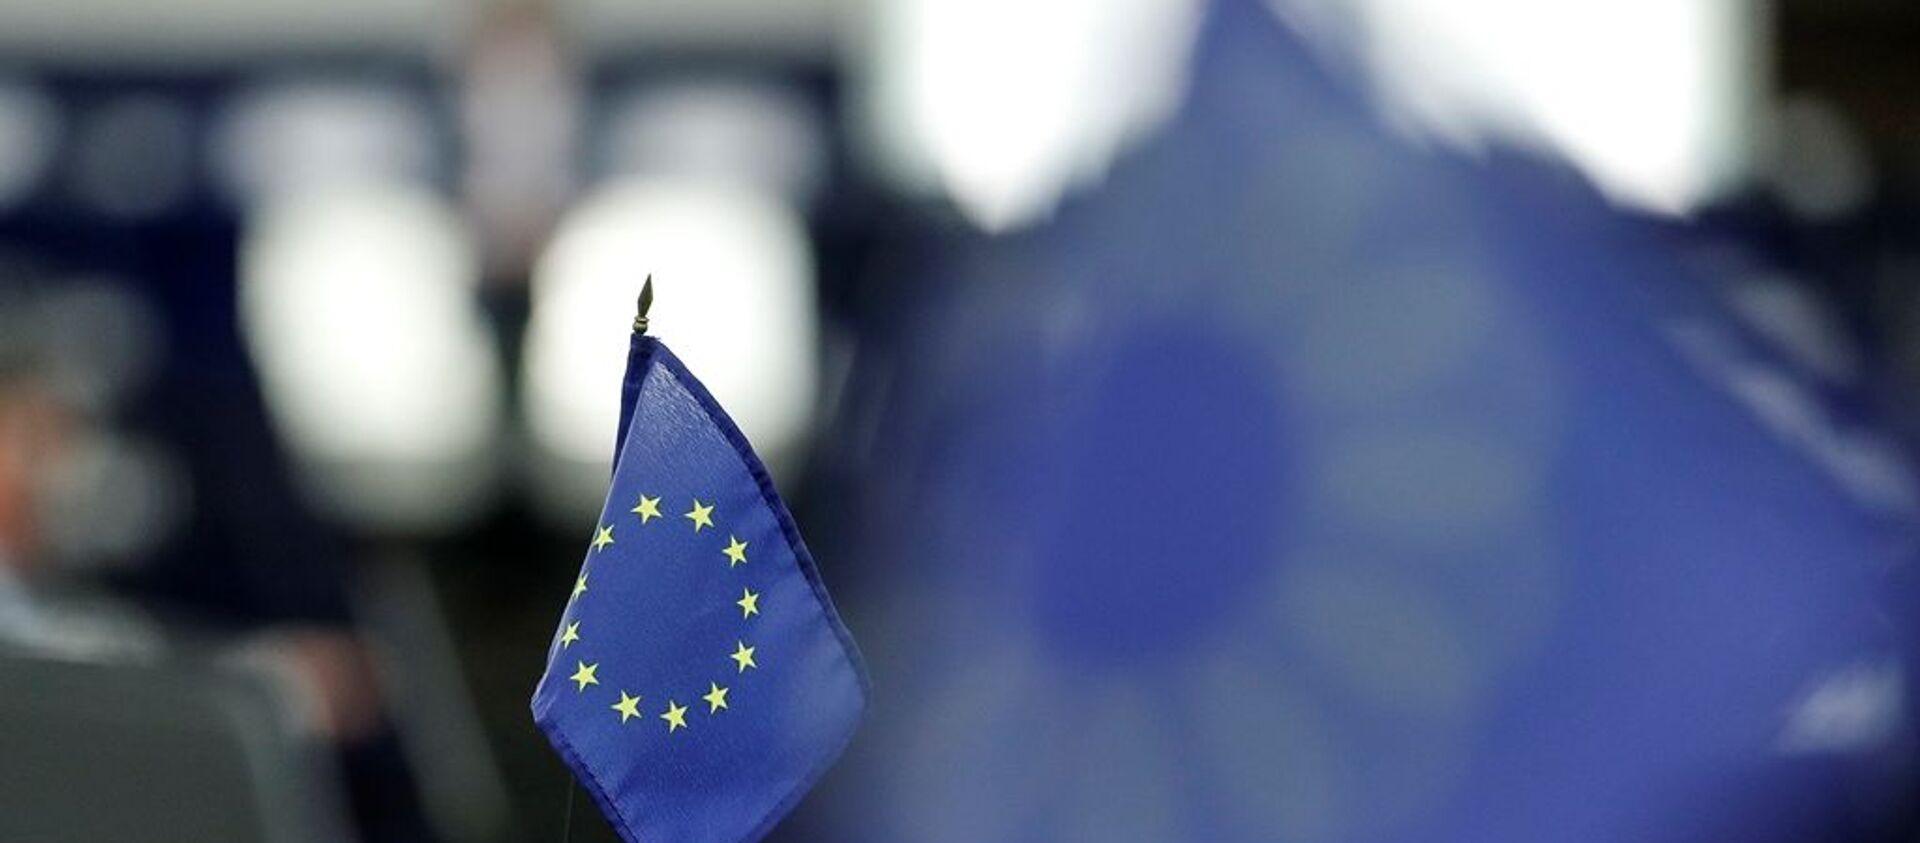 Avrupa Parlamentosu - Avrupa Birliği - Sputnik Türkiye, 1920, 12.03.2021